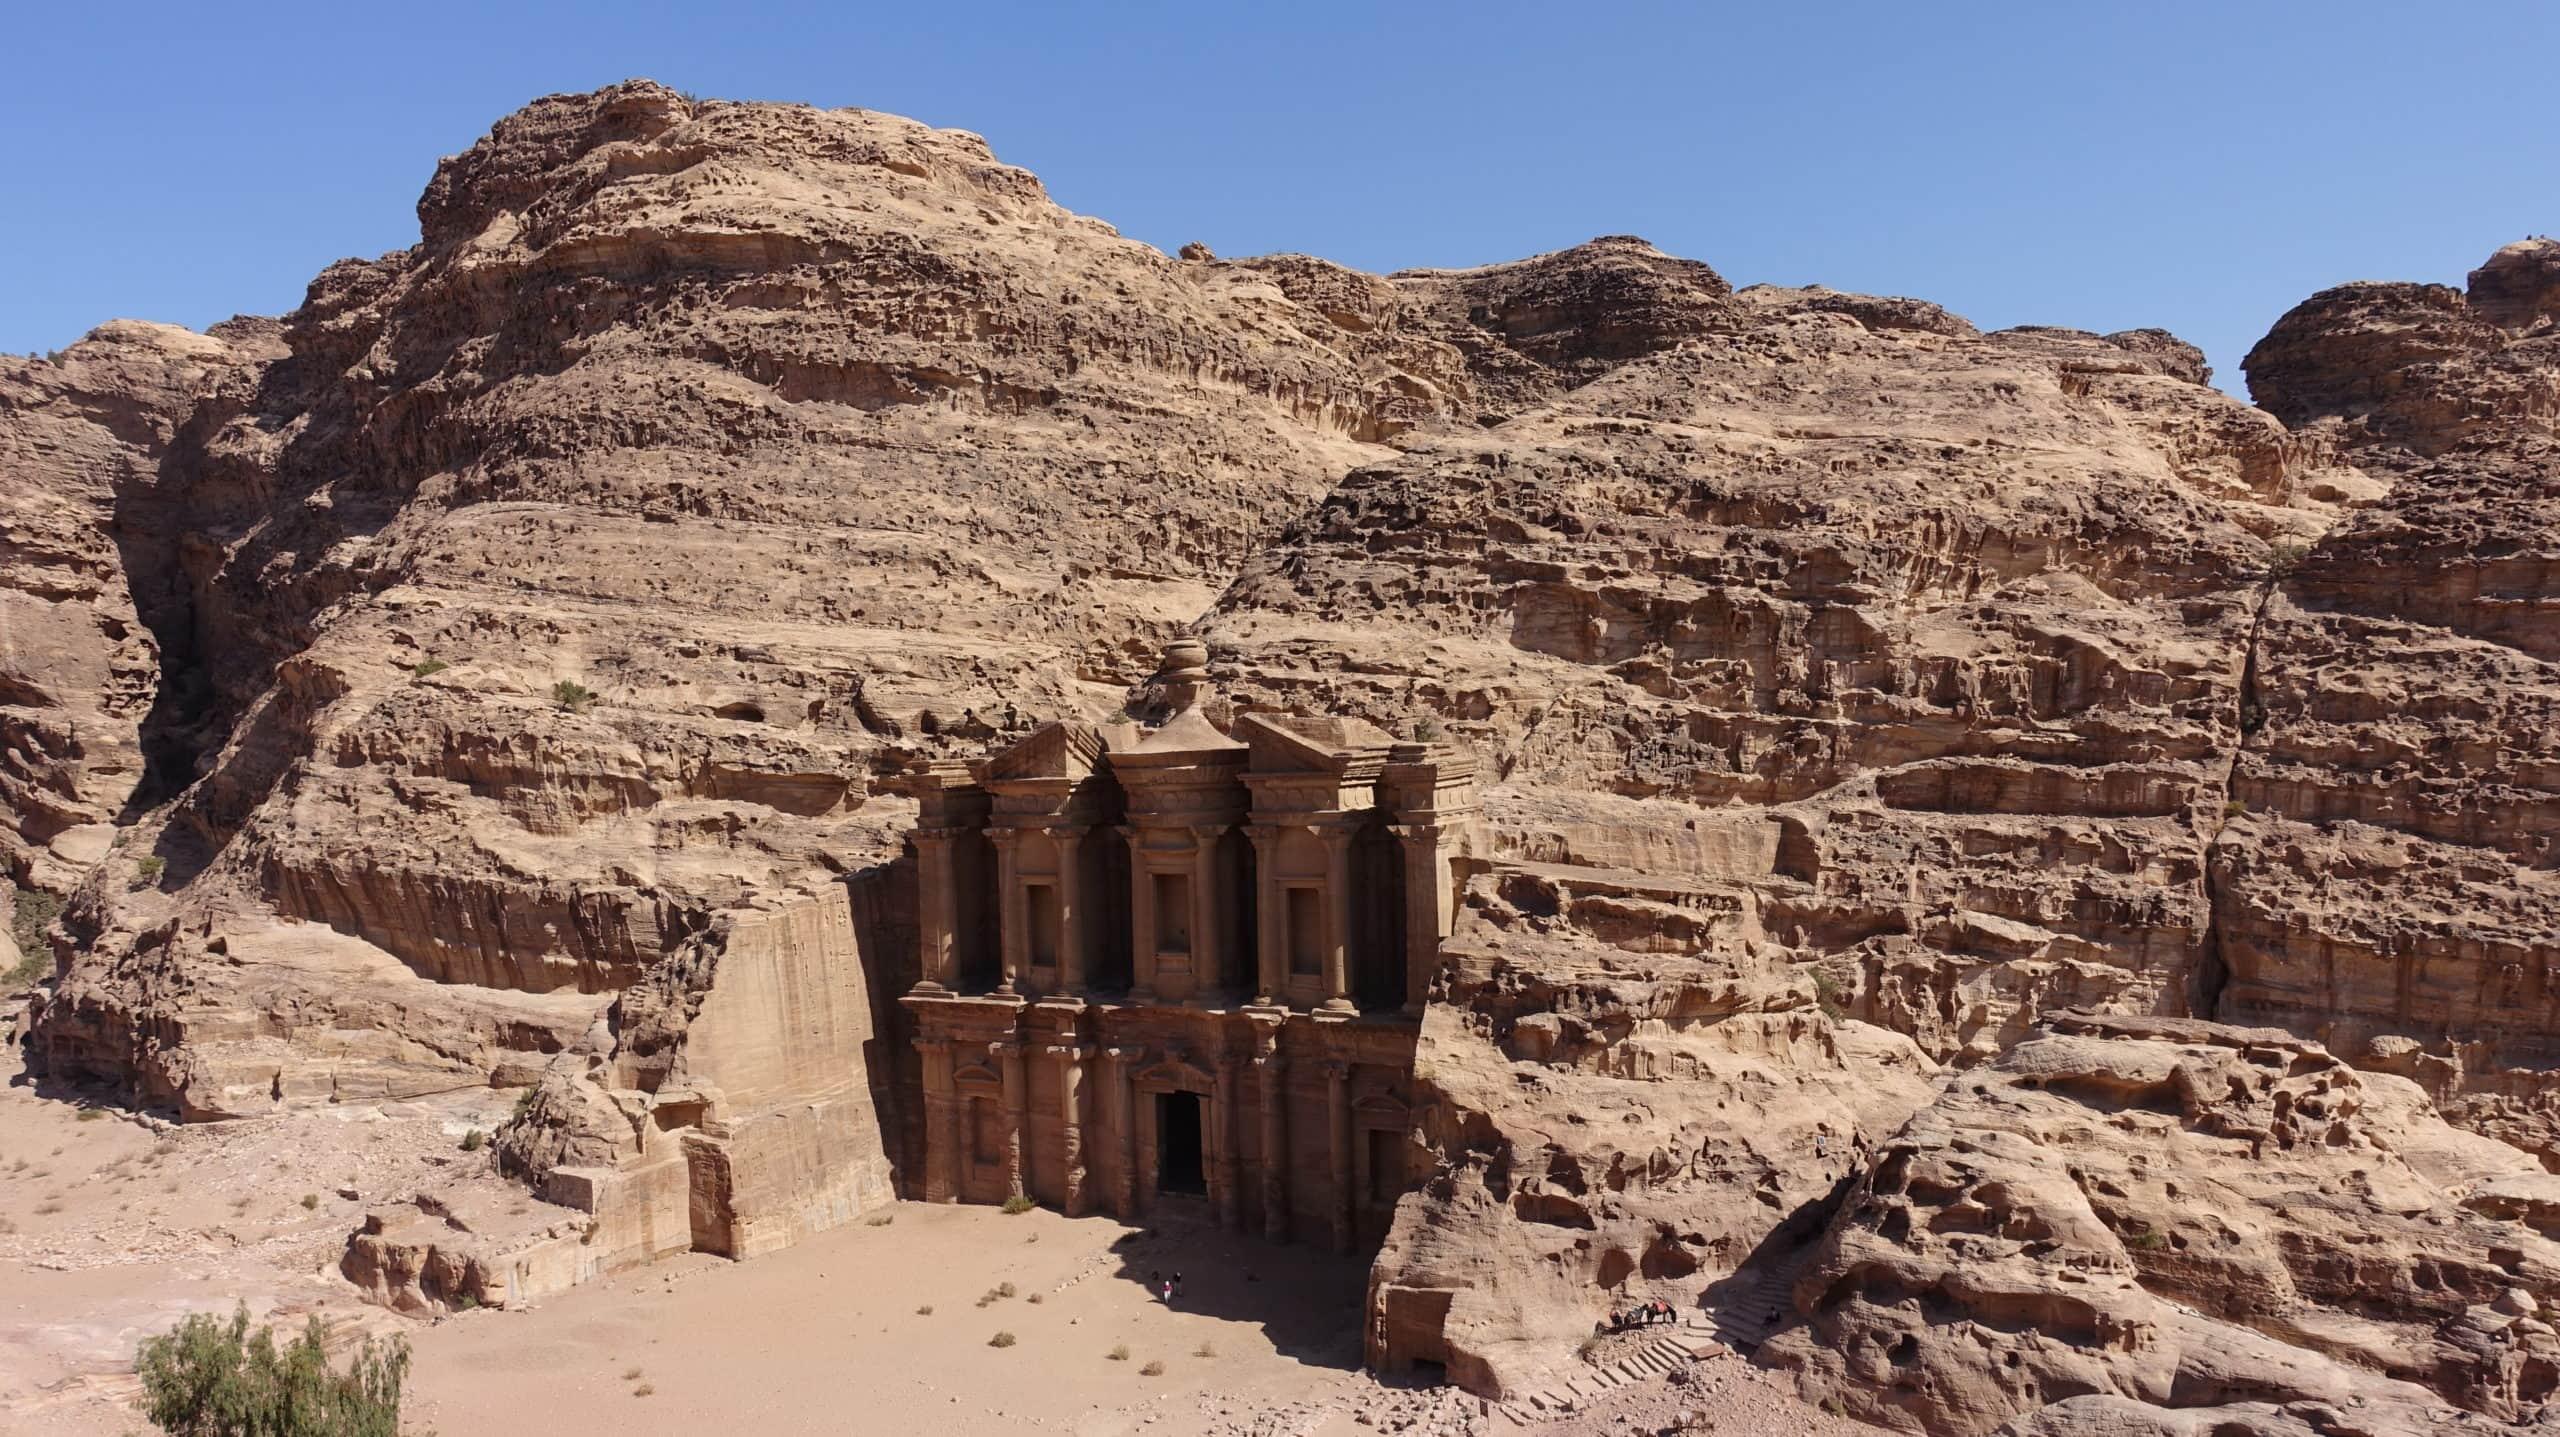 Das Kloster Ad Deir in Petra in Jordanien